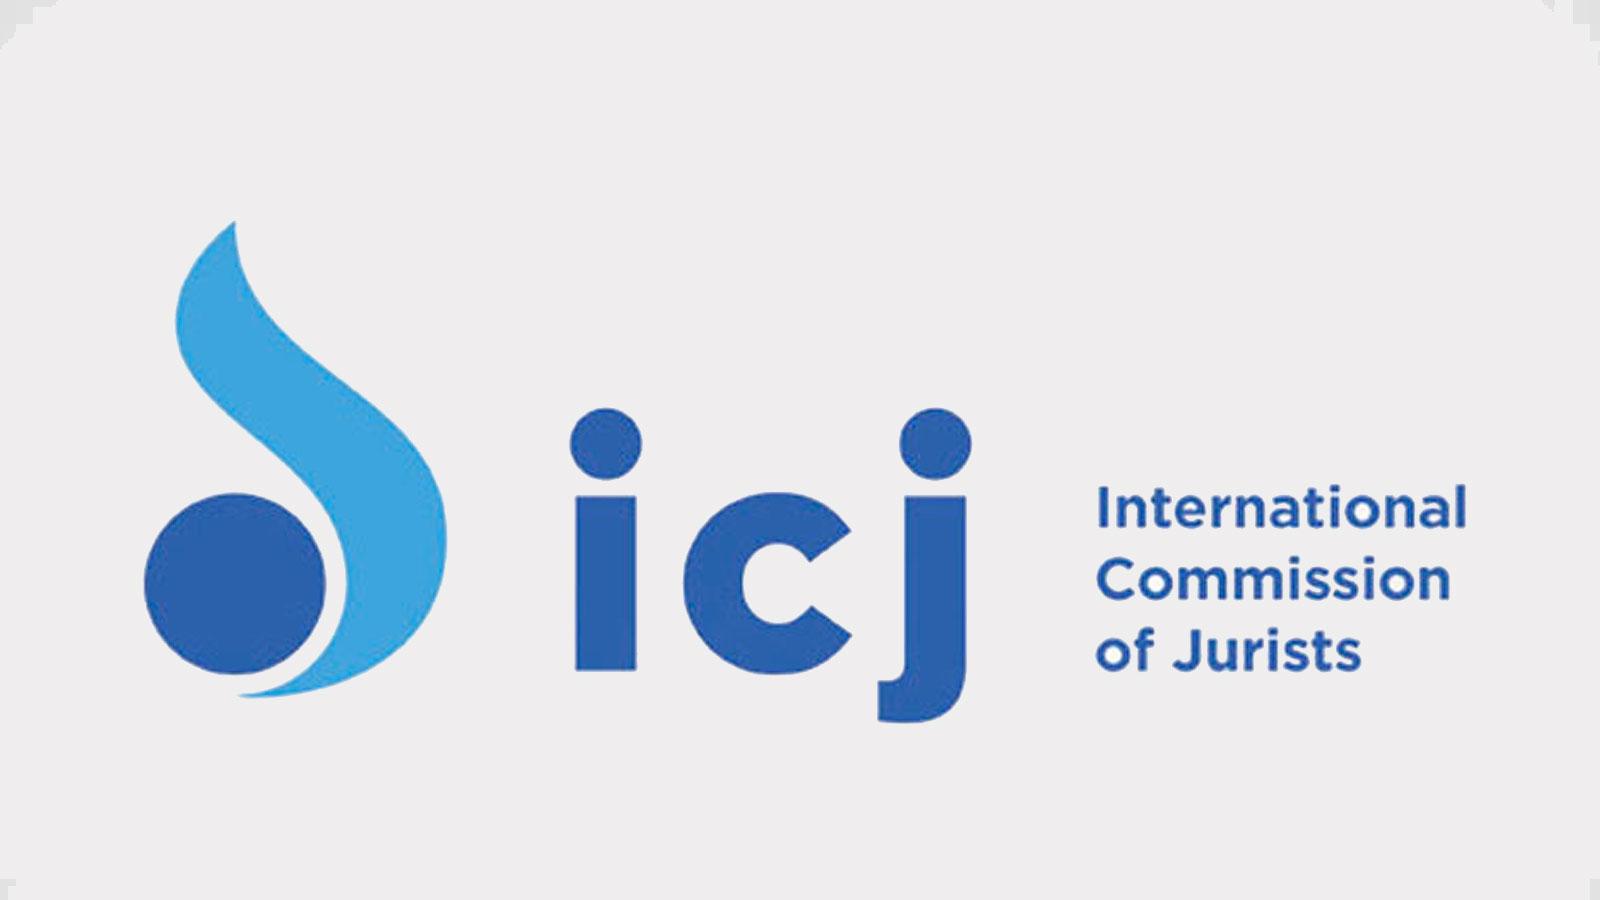 රජය විවේචනය කරන රාජ්ය නිලධාරීන්ට, වෛද්යවරුන්ට, මාධ්යවේදීන්ට කරන තර්ජන වහාම නතර කළයුතු - ජාත්යන්තර නීතිවේදී කොමිසම(ICJ)